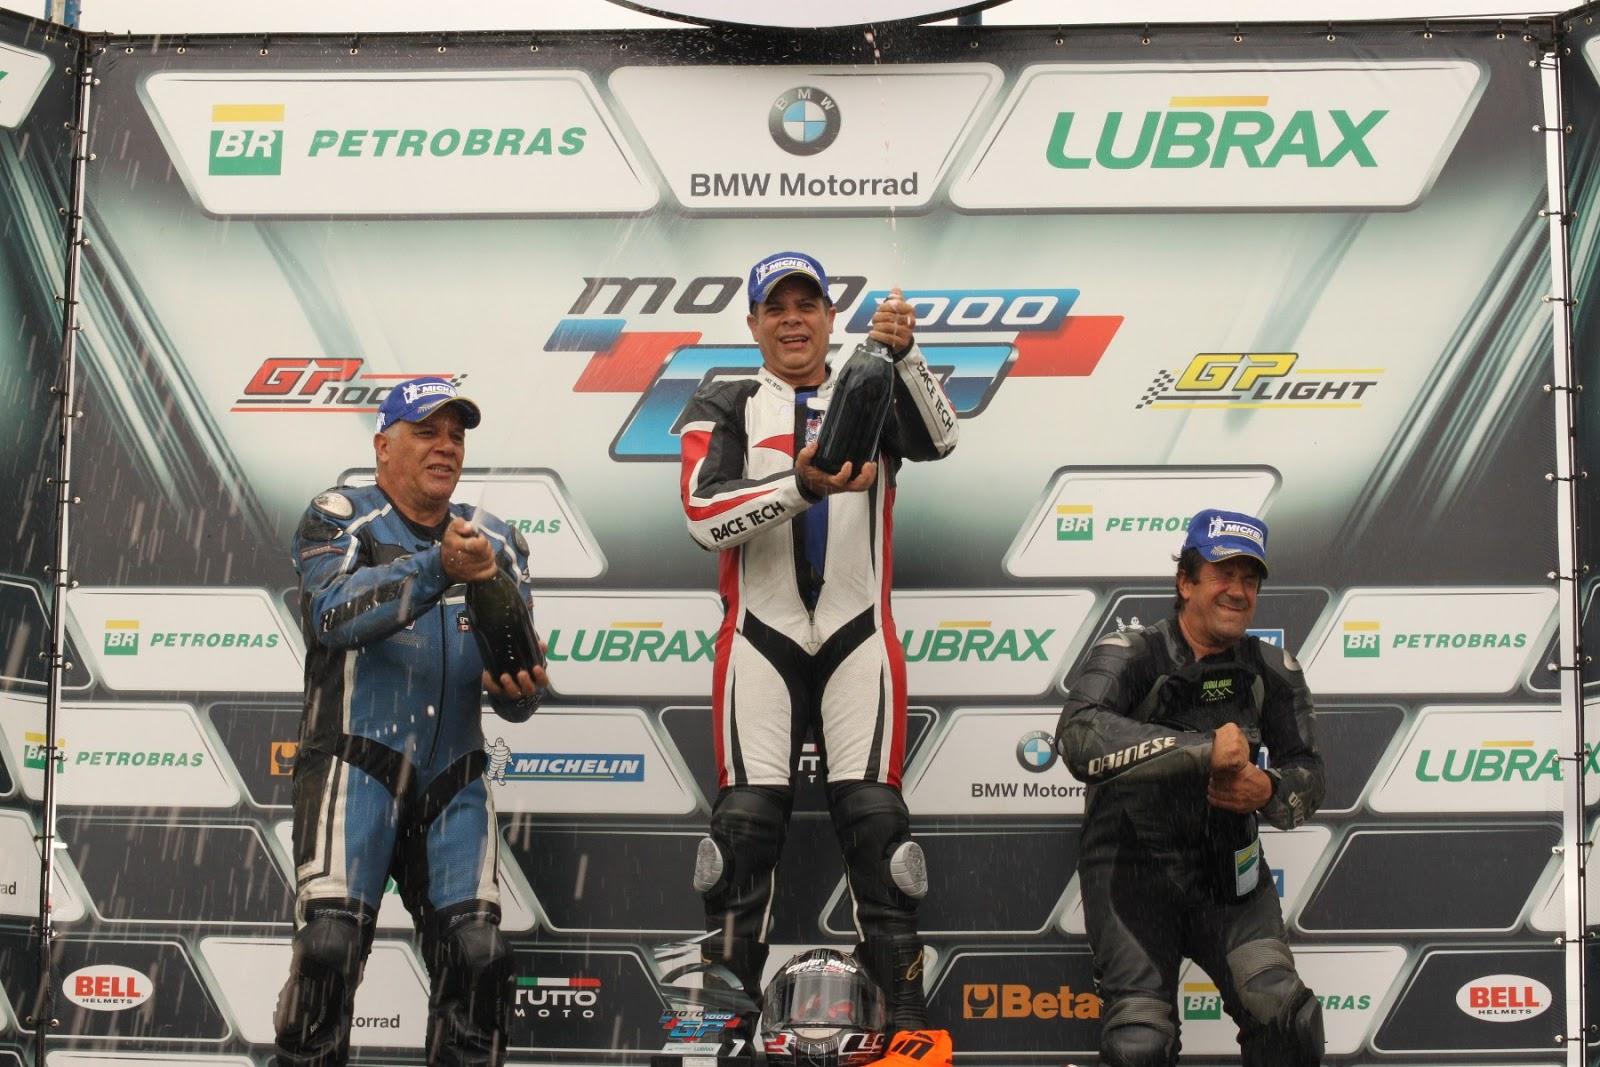 Moto 1000 GP  Alberto Braga fica com a vitória na sétima etapa GP Máster bc6a0a03de